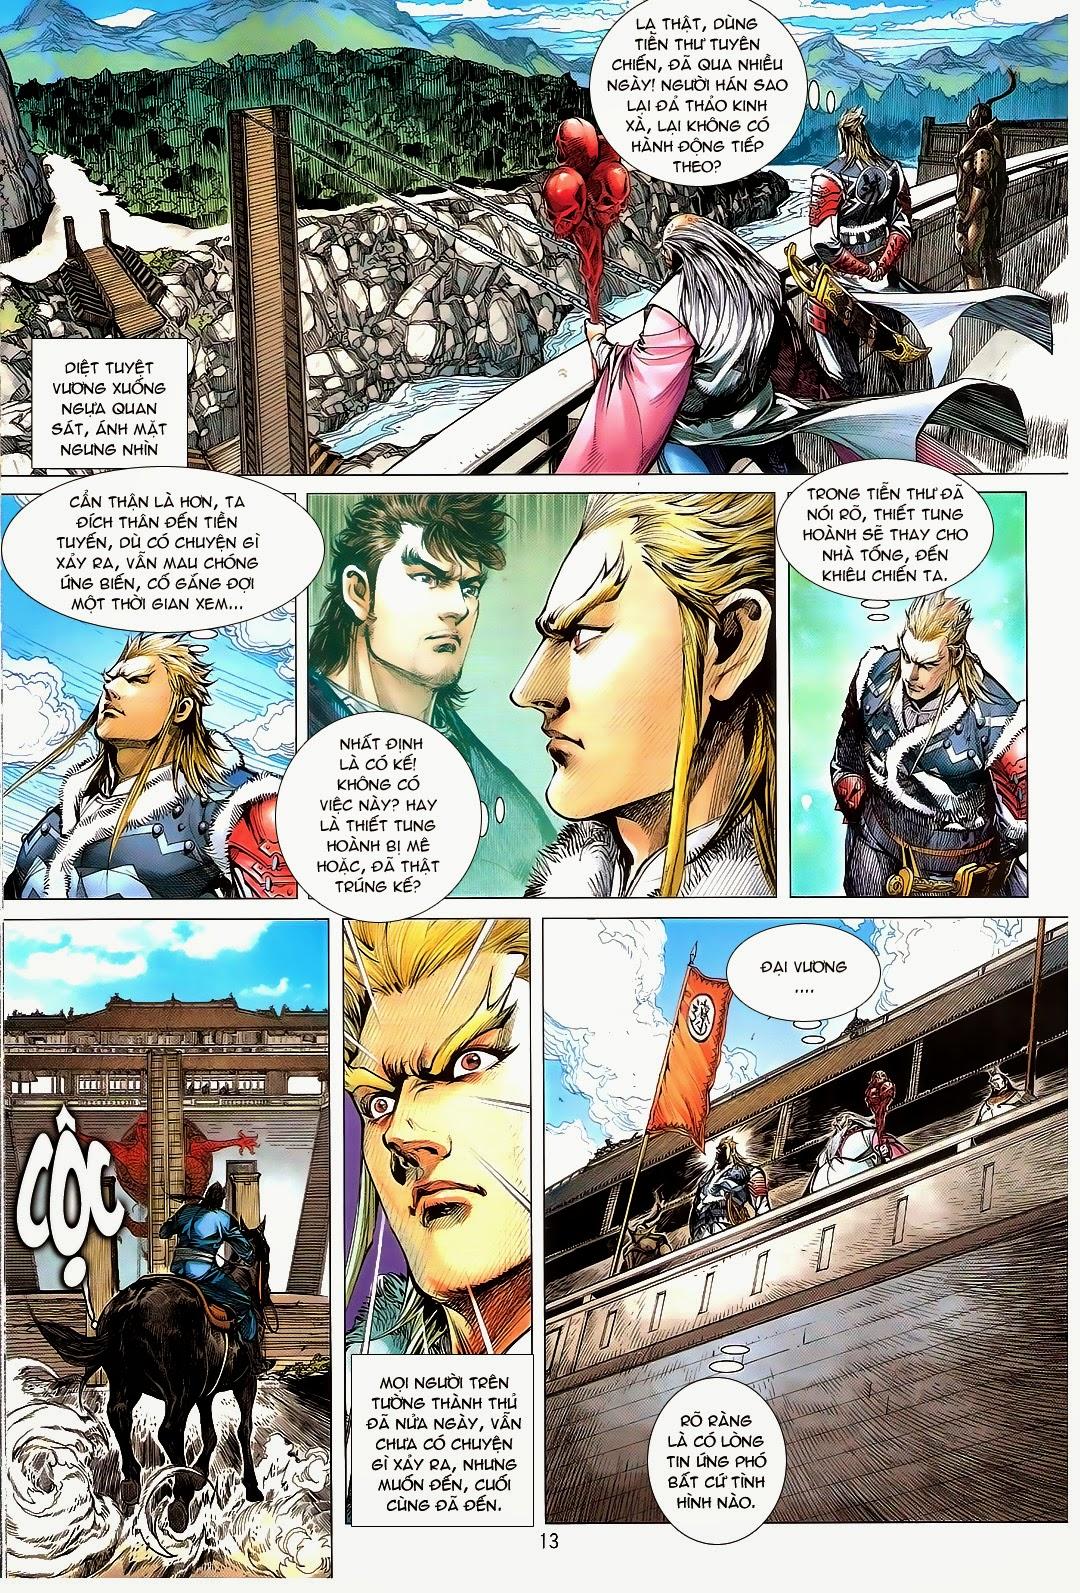 tuoithodudoi.com Thiết Tướng Tung Hoành Chapter 110 - 13.jpg